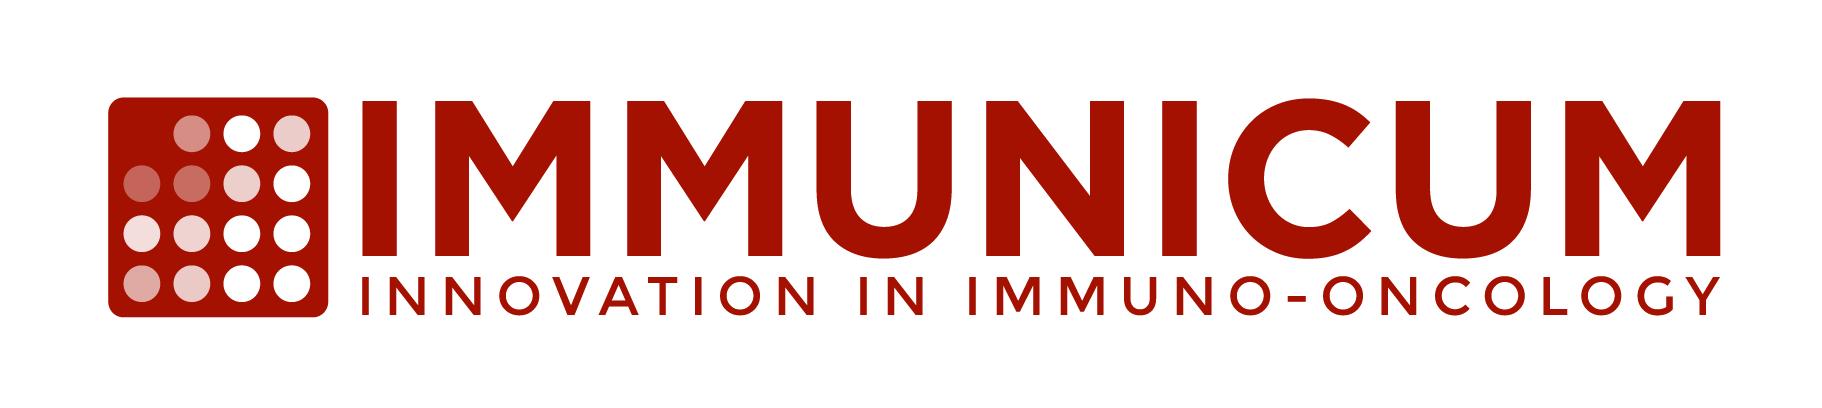 Immunicum